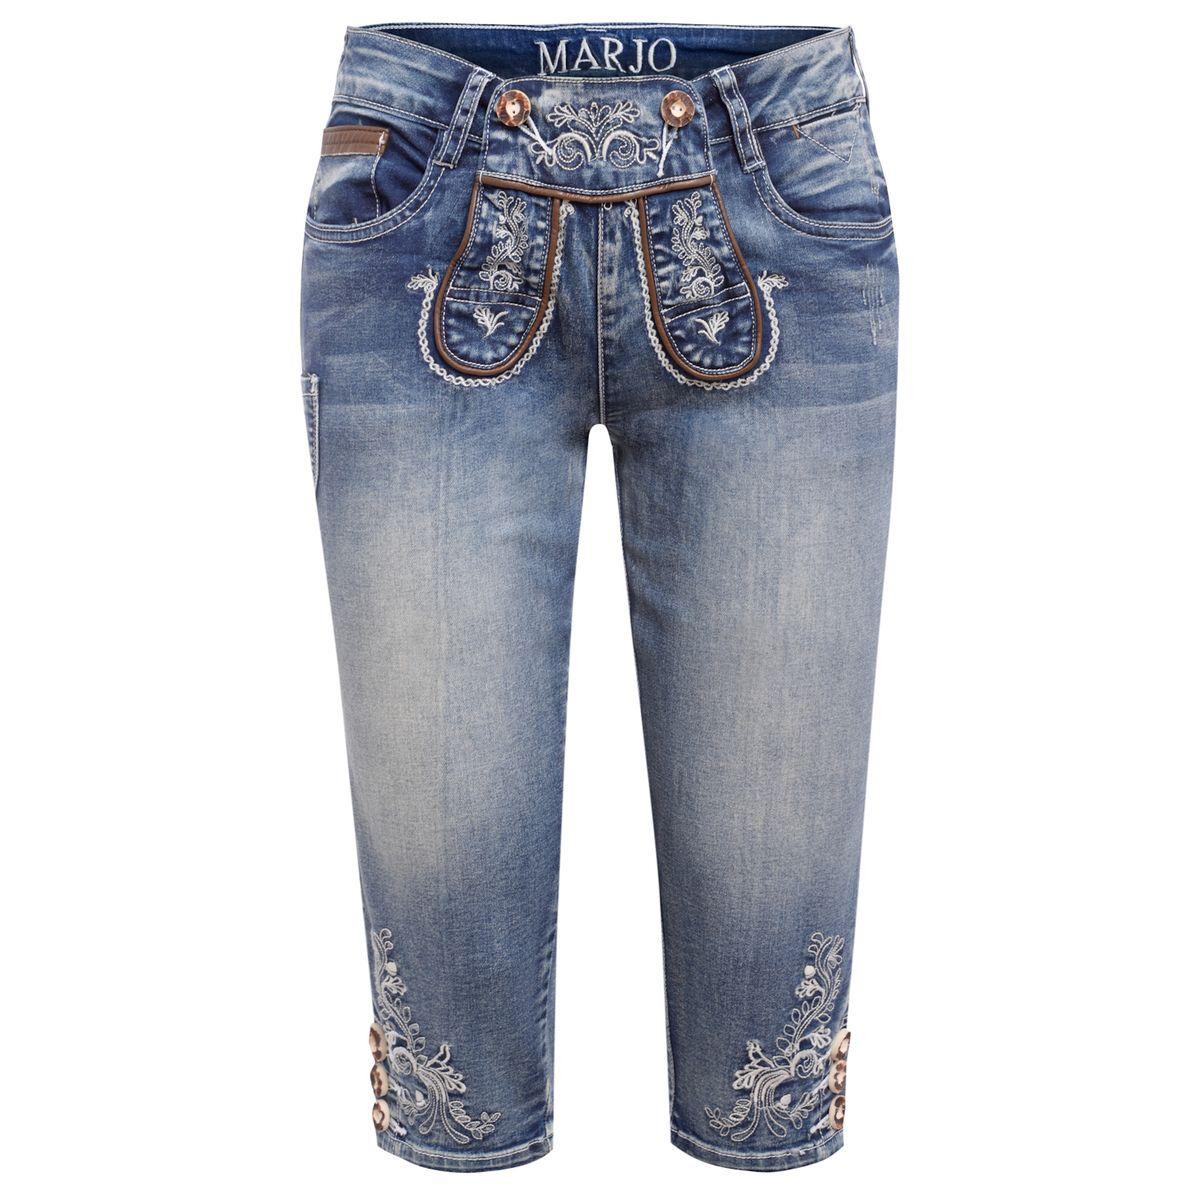 Jeans-Kniebundlederhose Franziska in Blau von Marjo Trachten günstig online kaufen